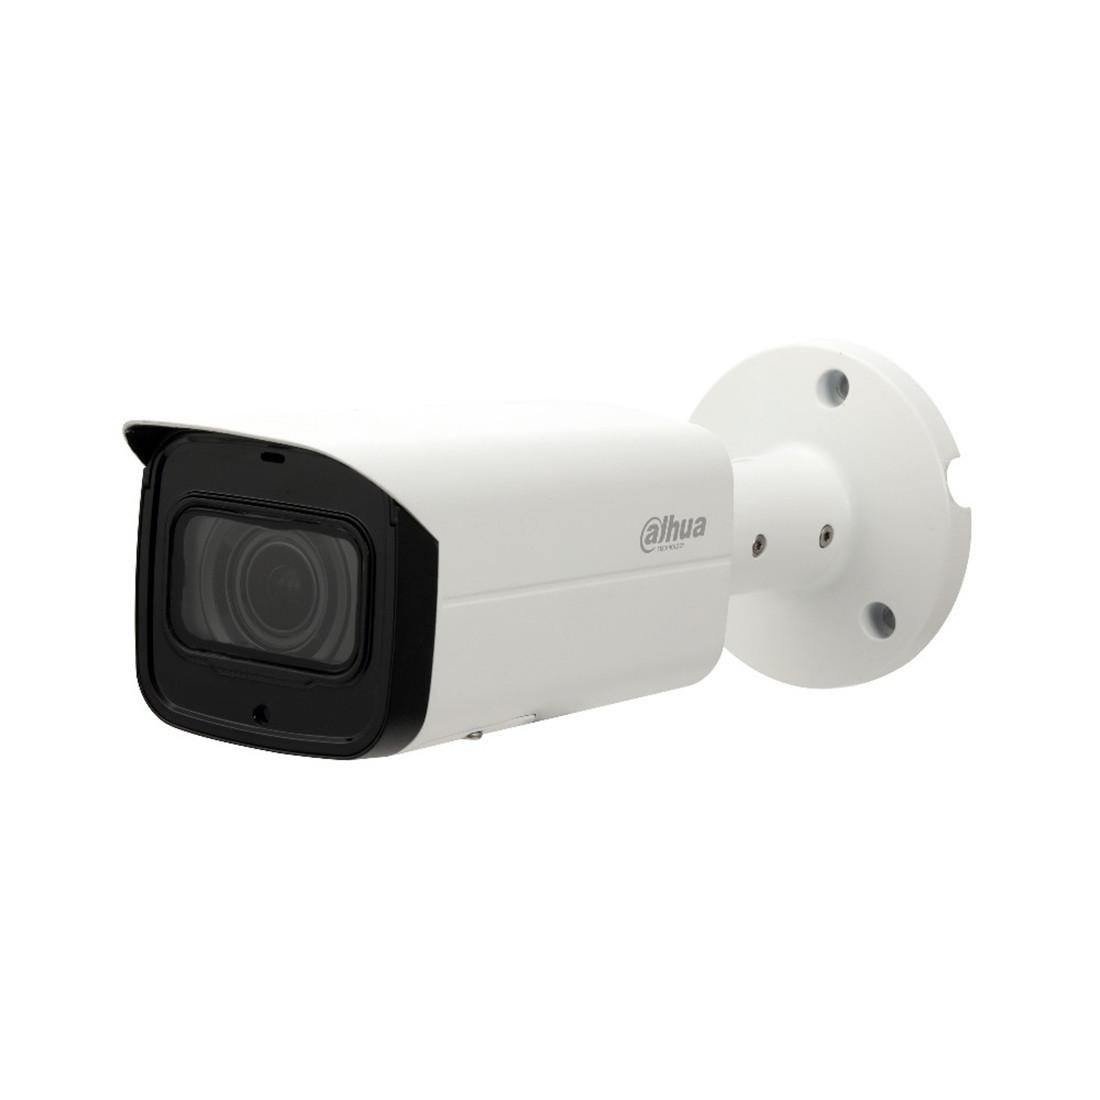 Цилиндрическая видеокамера Dahua DH-IPC-HFW2531TP-ZAS